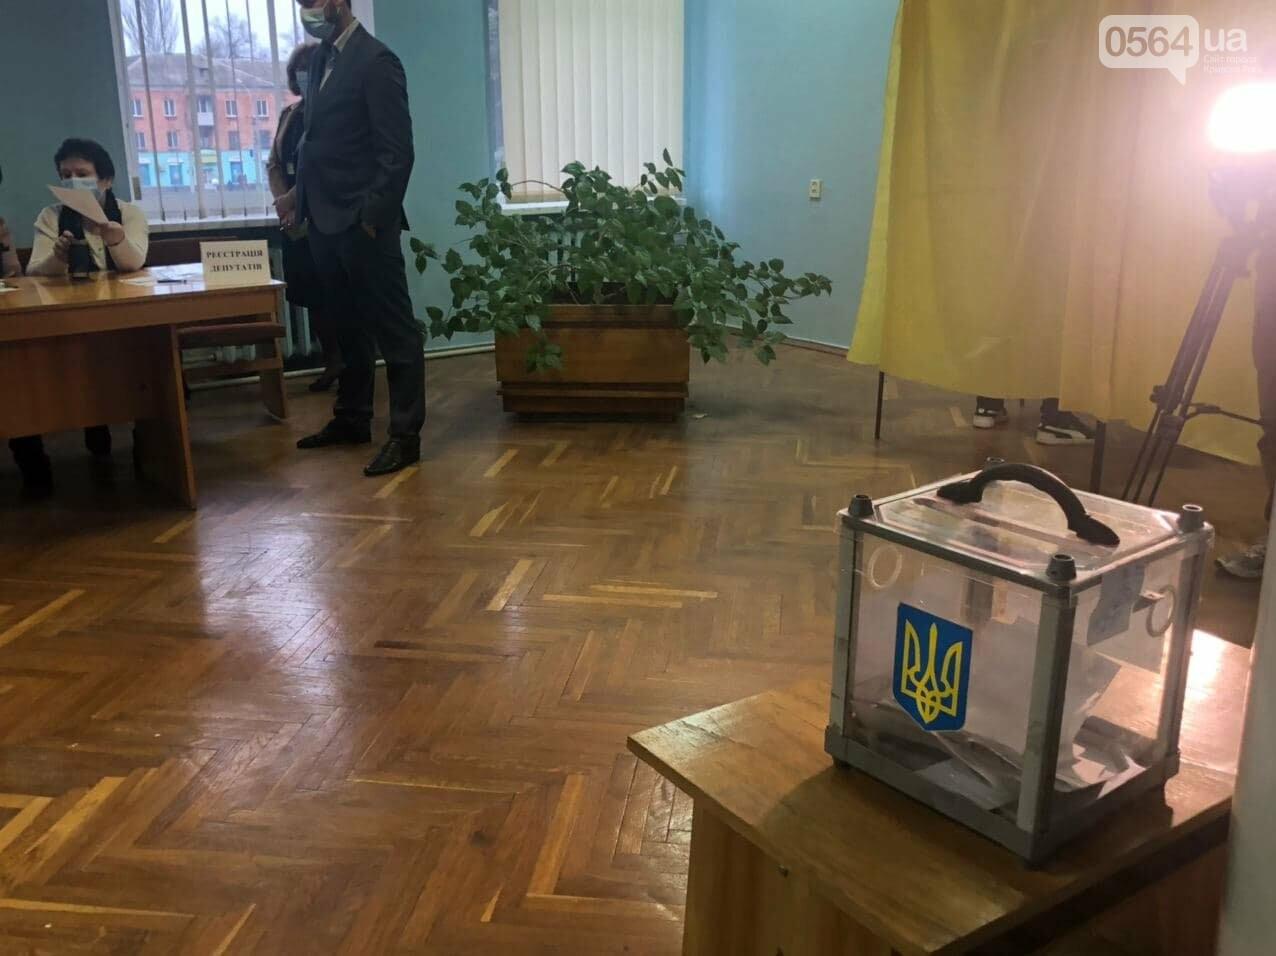 Стало известно, кому Игорь Ратинов передал власть в Долгинцевском райсовете, - ФОТО , фото-19